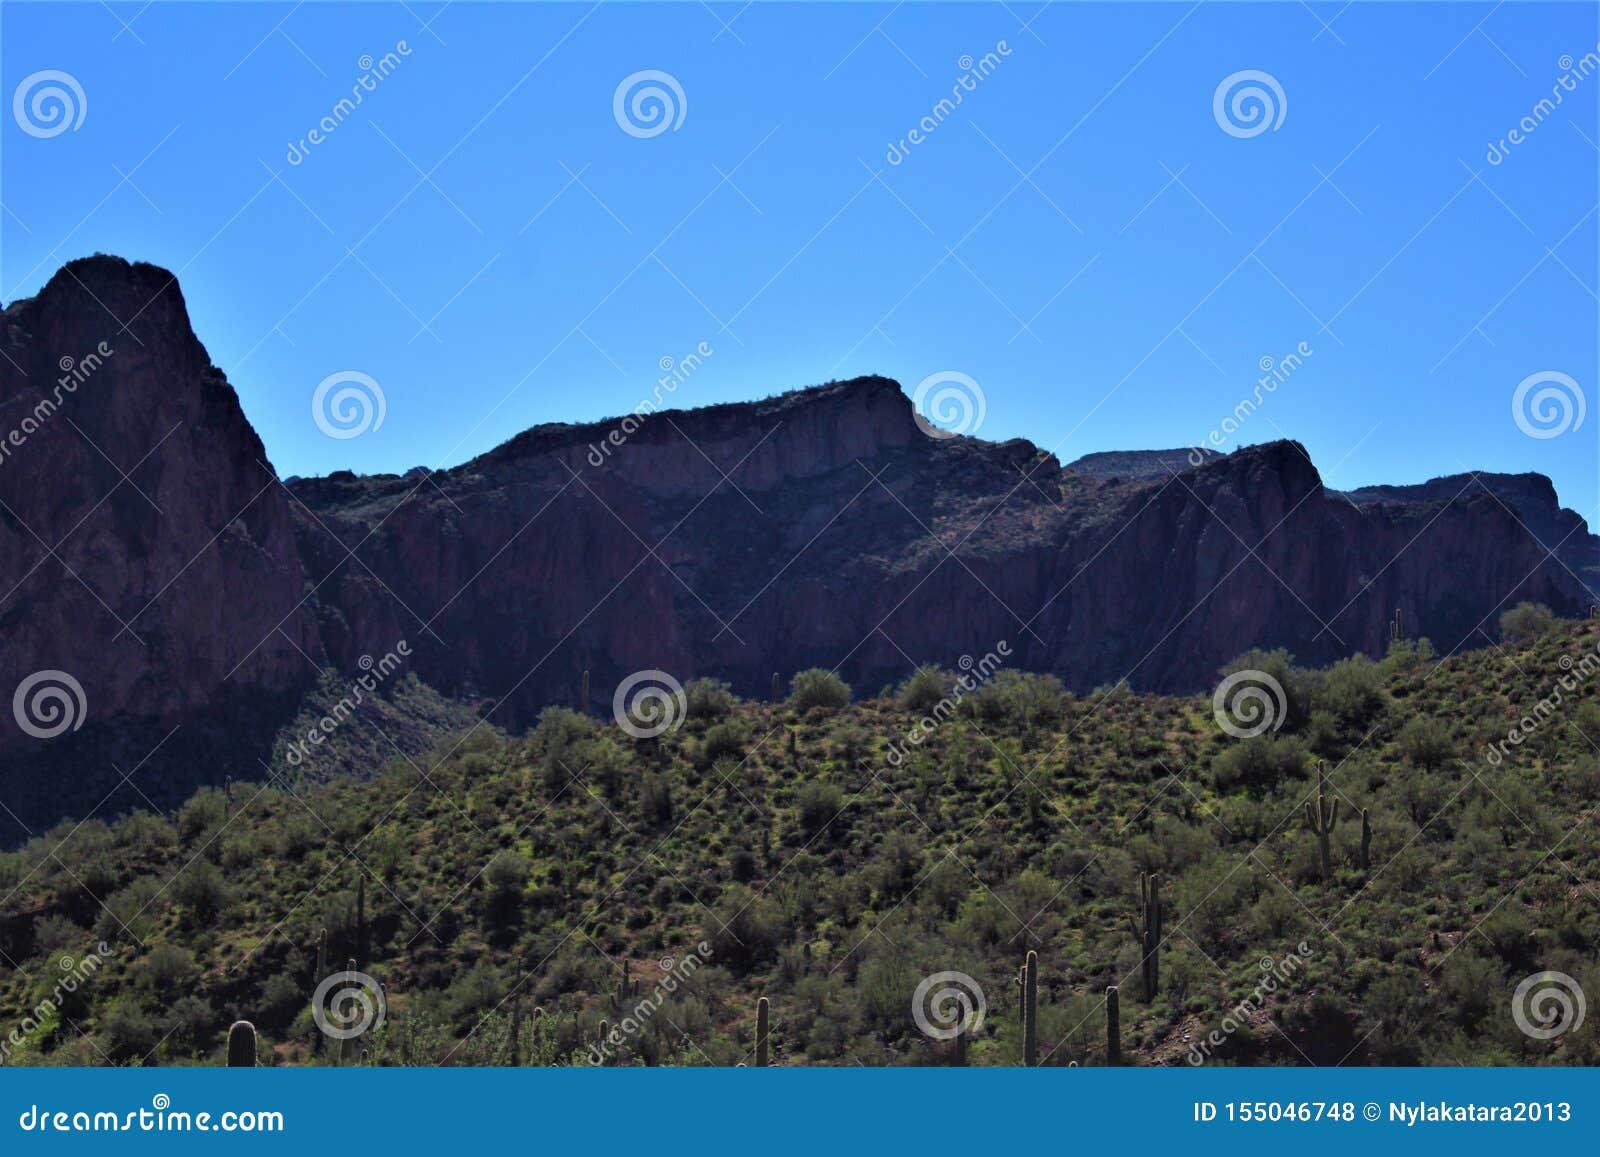 Sceniczny Krajobrazowy widok od mes, Arizona fontann wzgórza, Maricopa okręg administracyjny, Arizona, Stany Zjednoczone